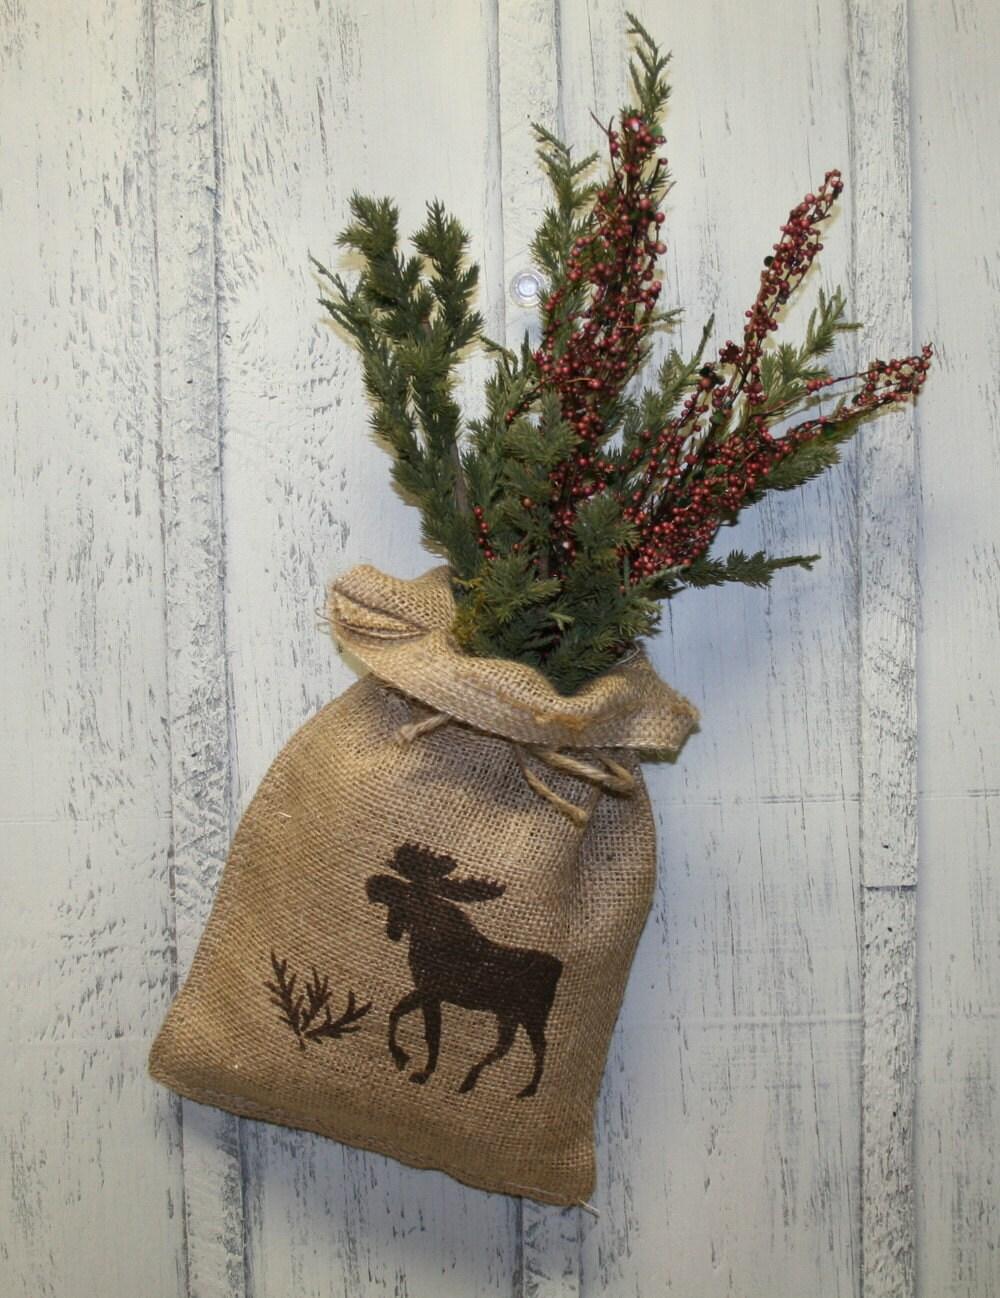 Moose burlap bag burlap flower arrangement wall by naturesglow for Wall decor arrangements